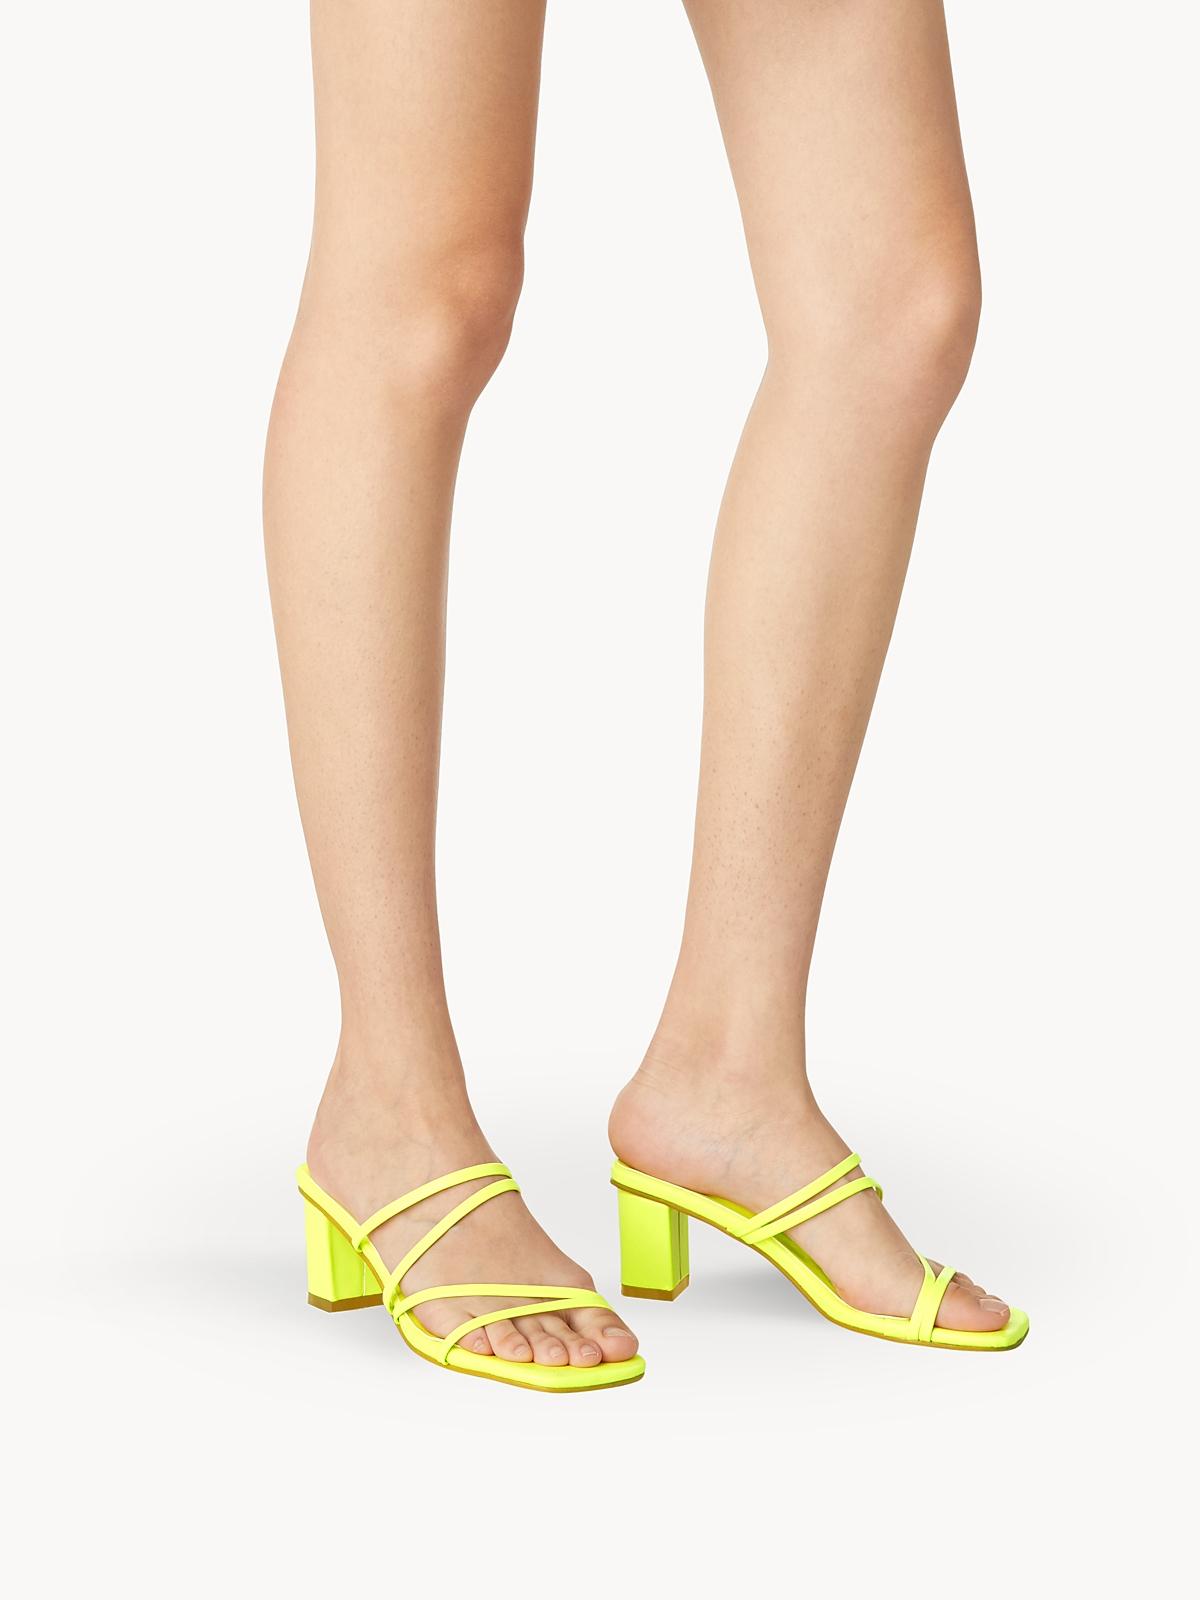 Pomelo x Wear Soul Strapped Heels Yellow